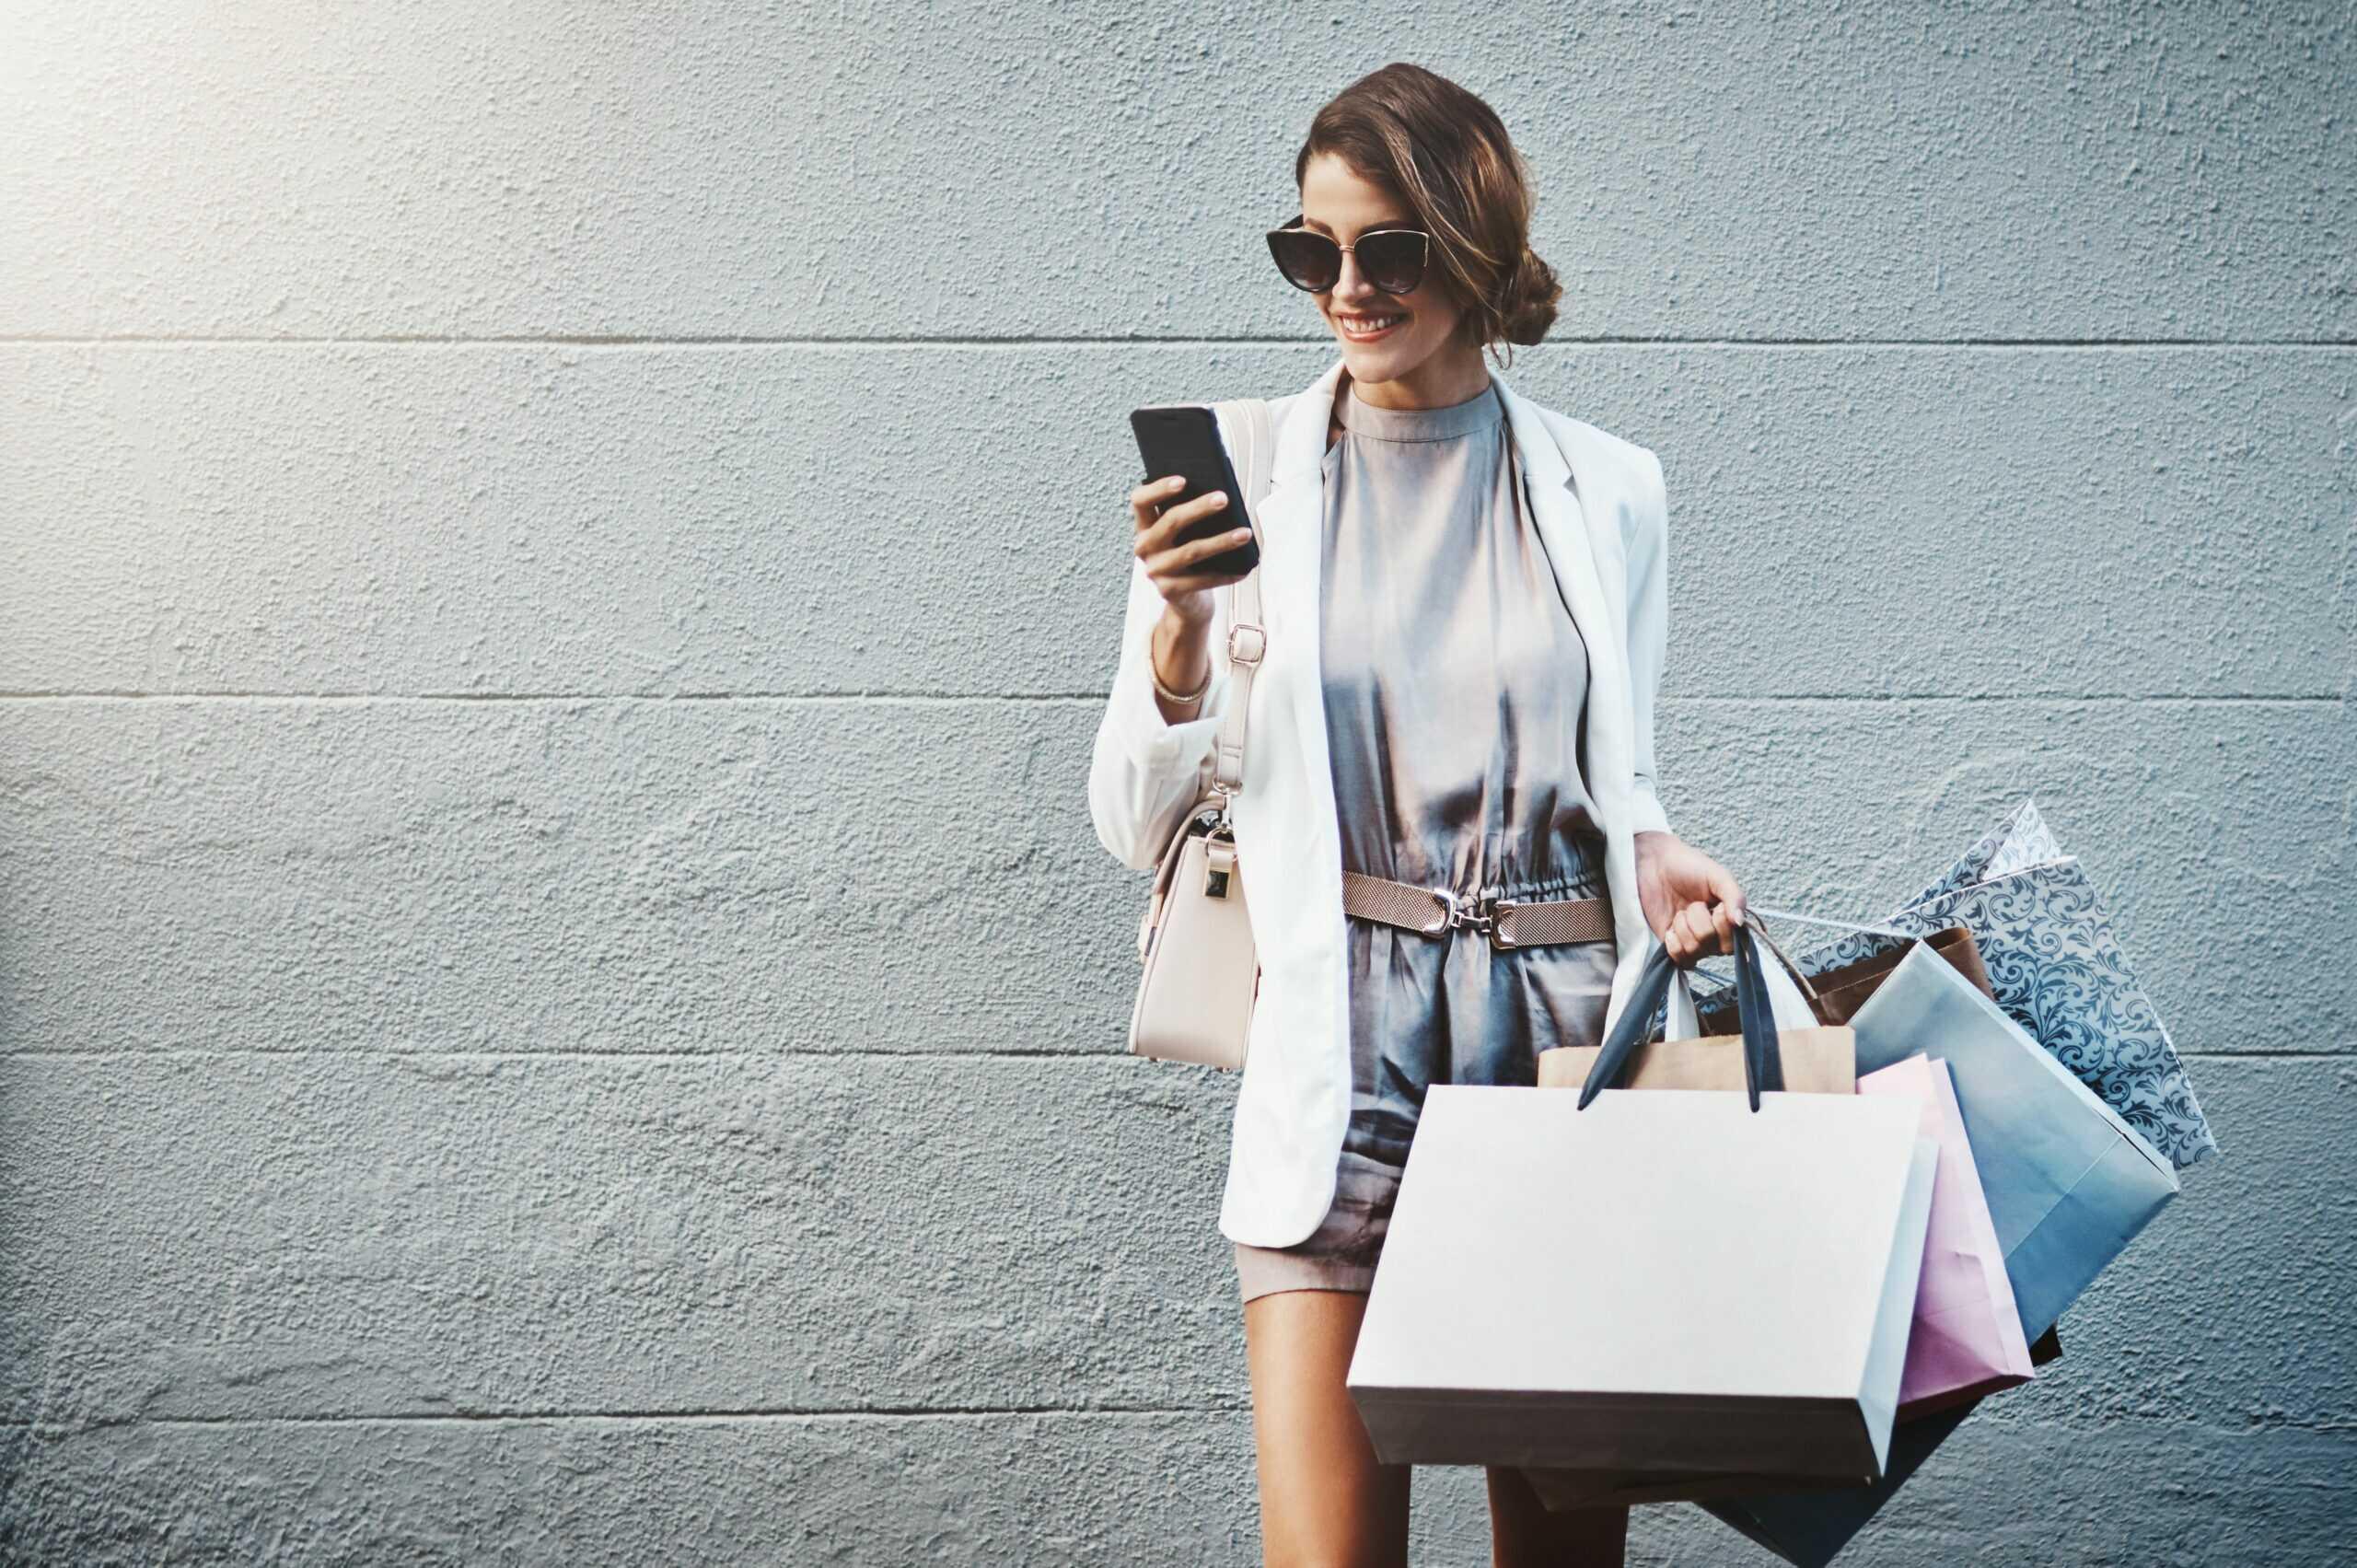 istock shopping femme